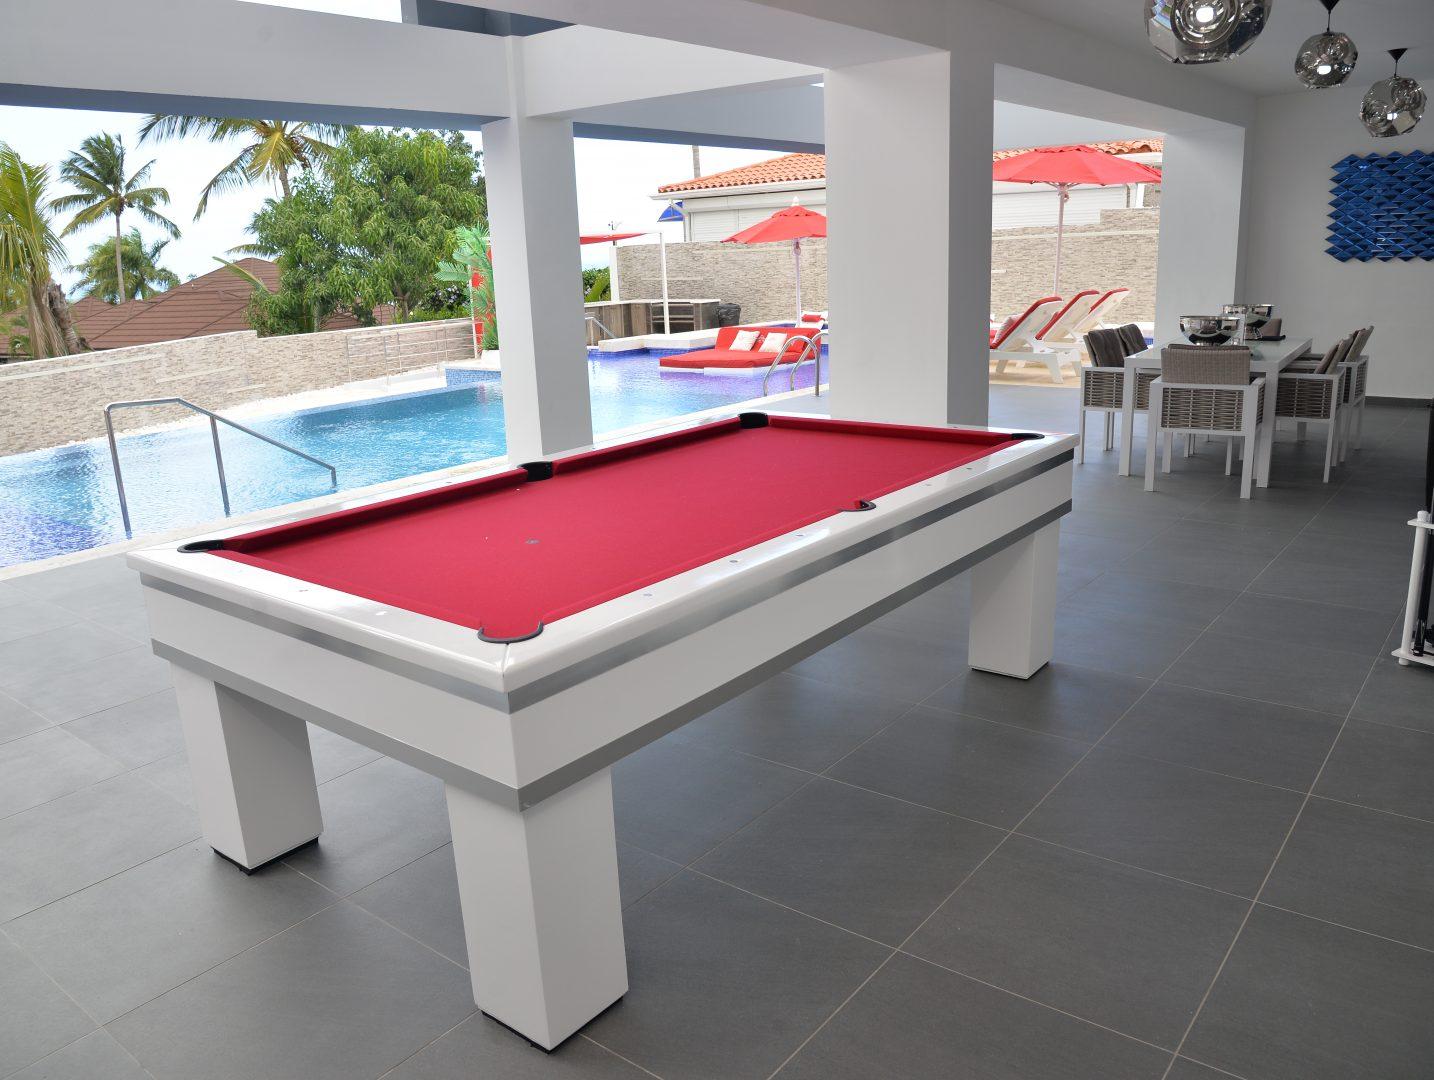 Pool Area / Pool Table